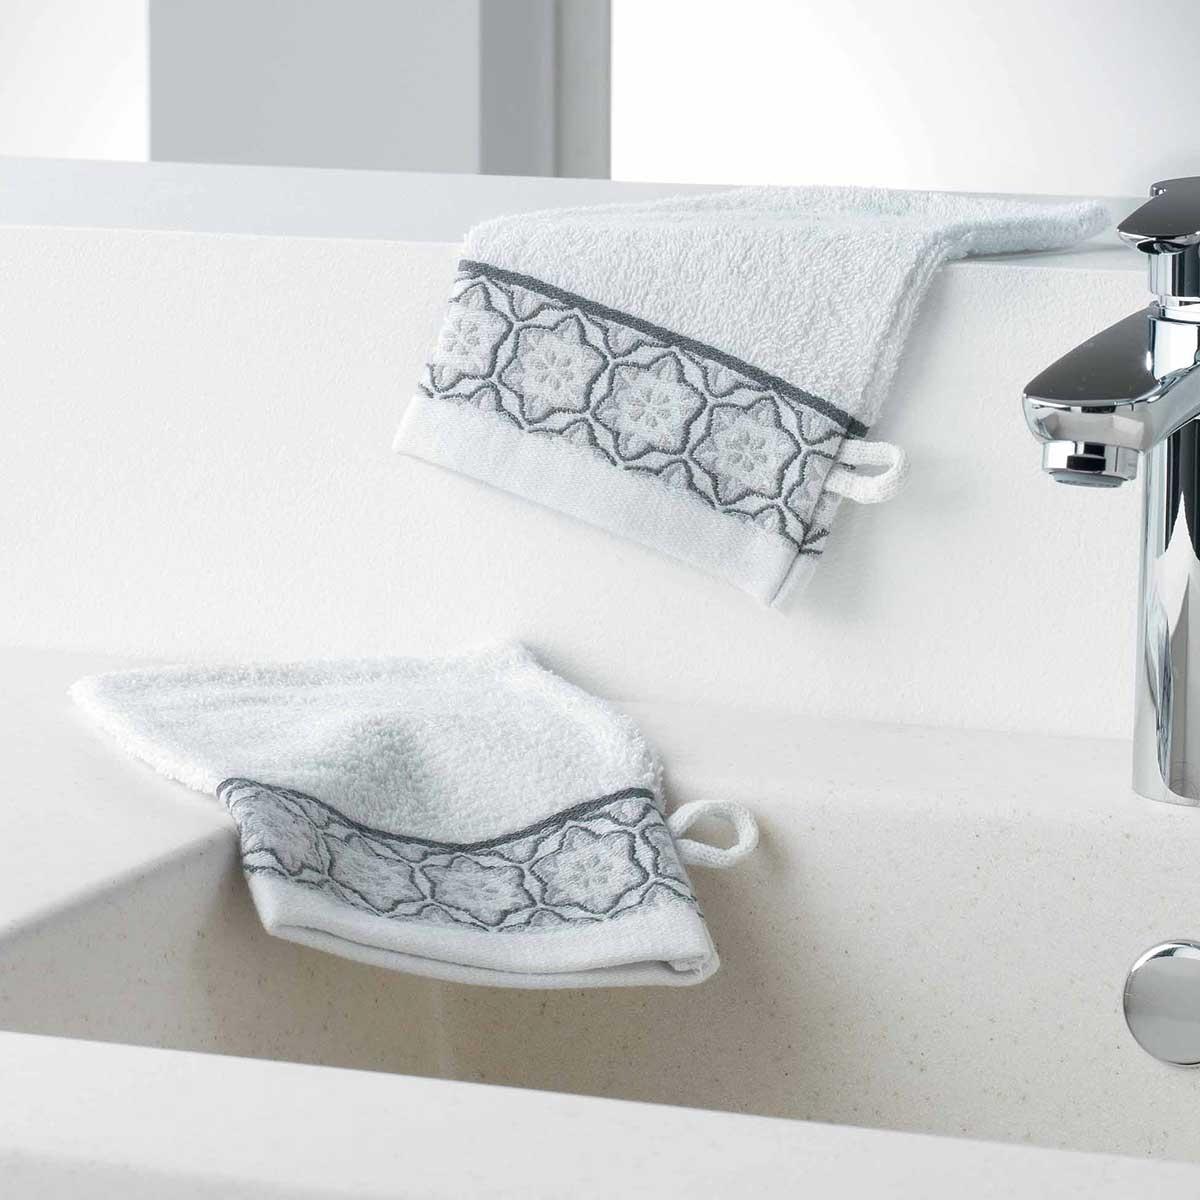 Gants de Toilette en Eponge Unie avec Liteau Jacquard (Blanc)